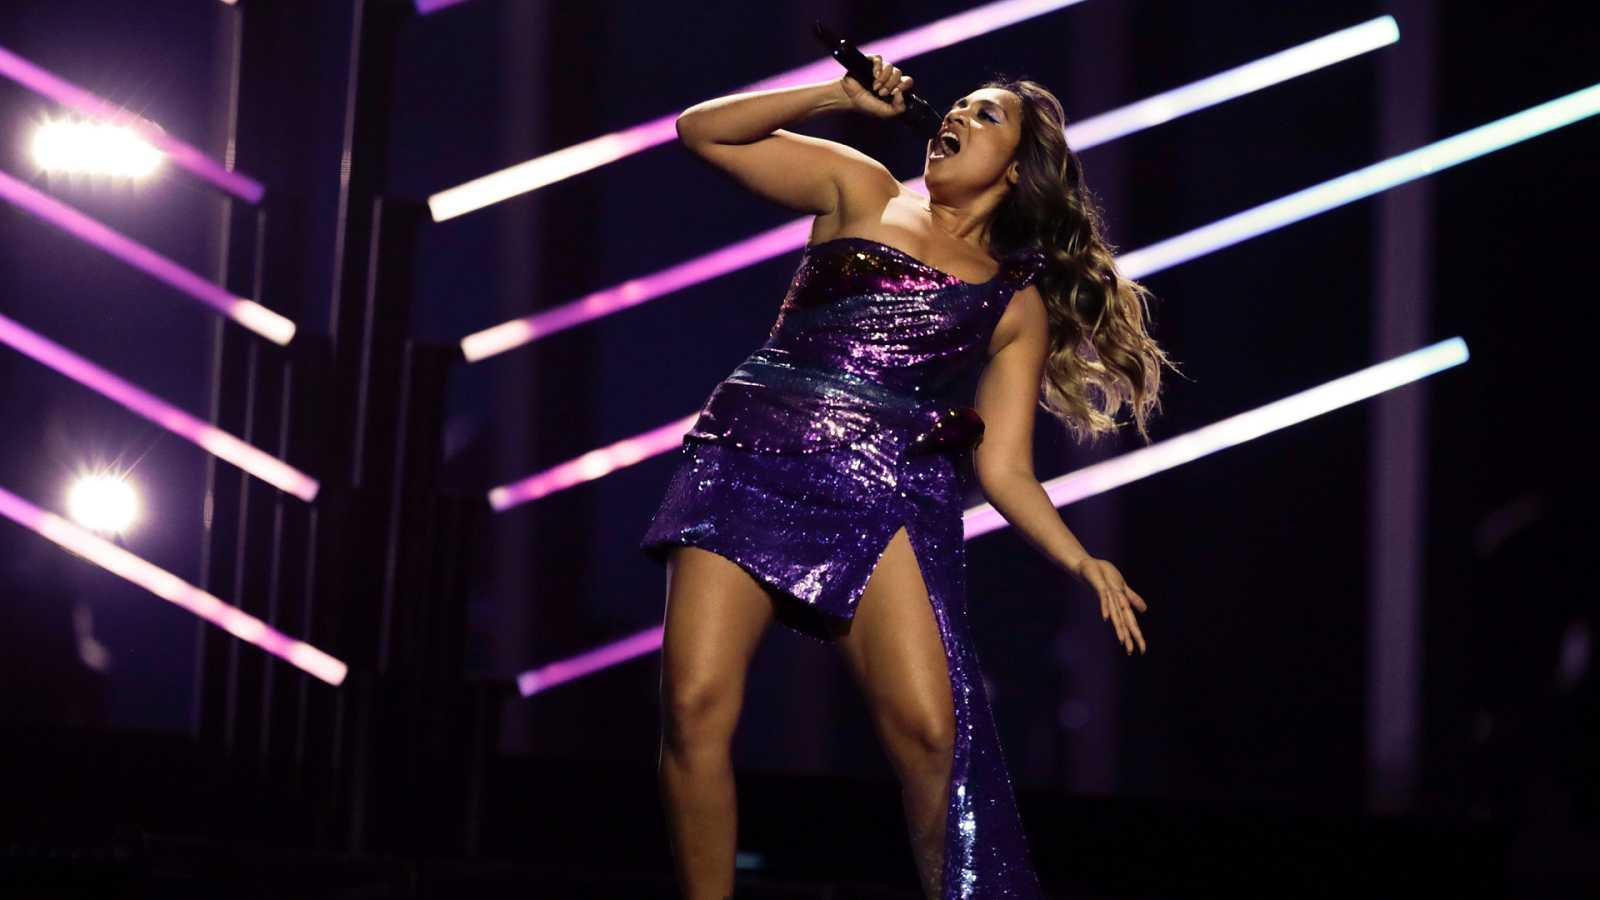 """Eurovisión - Australia: Jessica Mauboy canta """"We got love"""" en la segunda semifinal de Eurovisión 2018"""